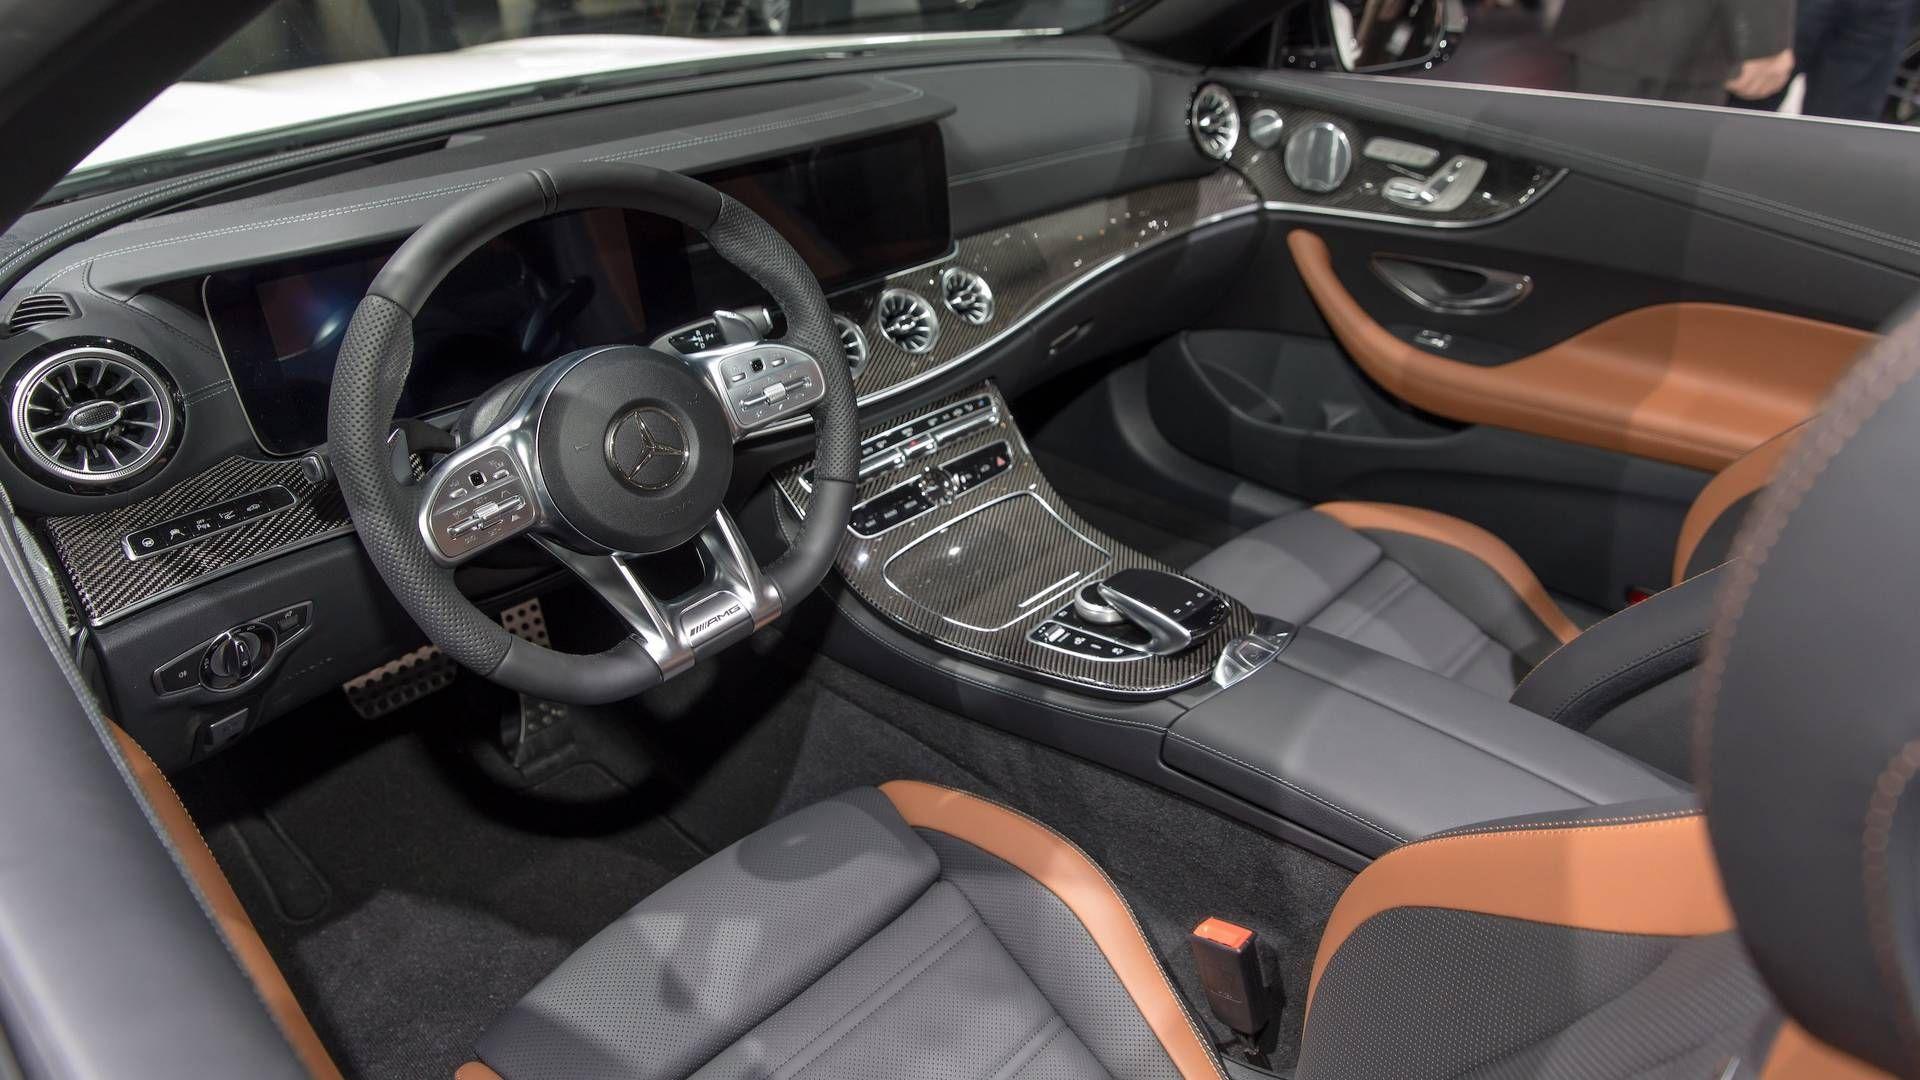 2019 Mercedes Amg E53 Coupe And Cabriolet Motor1 Com Photos